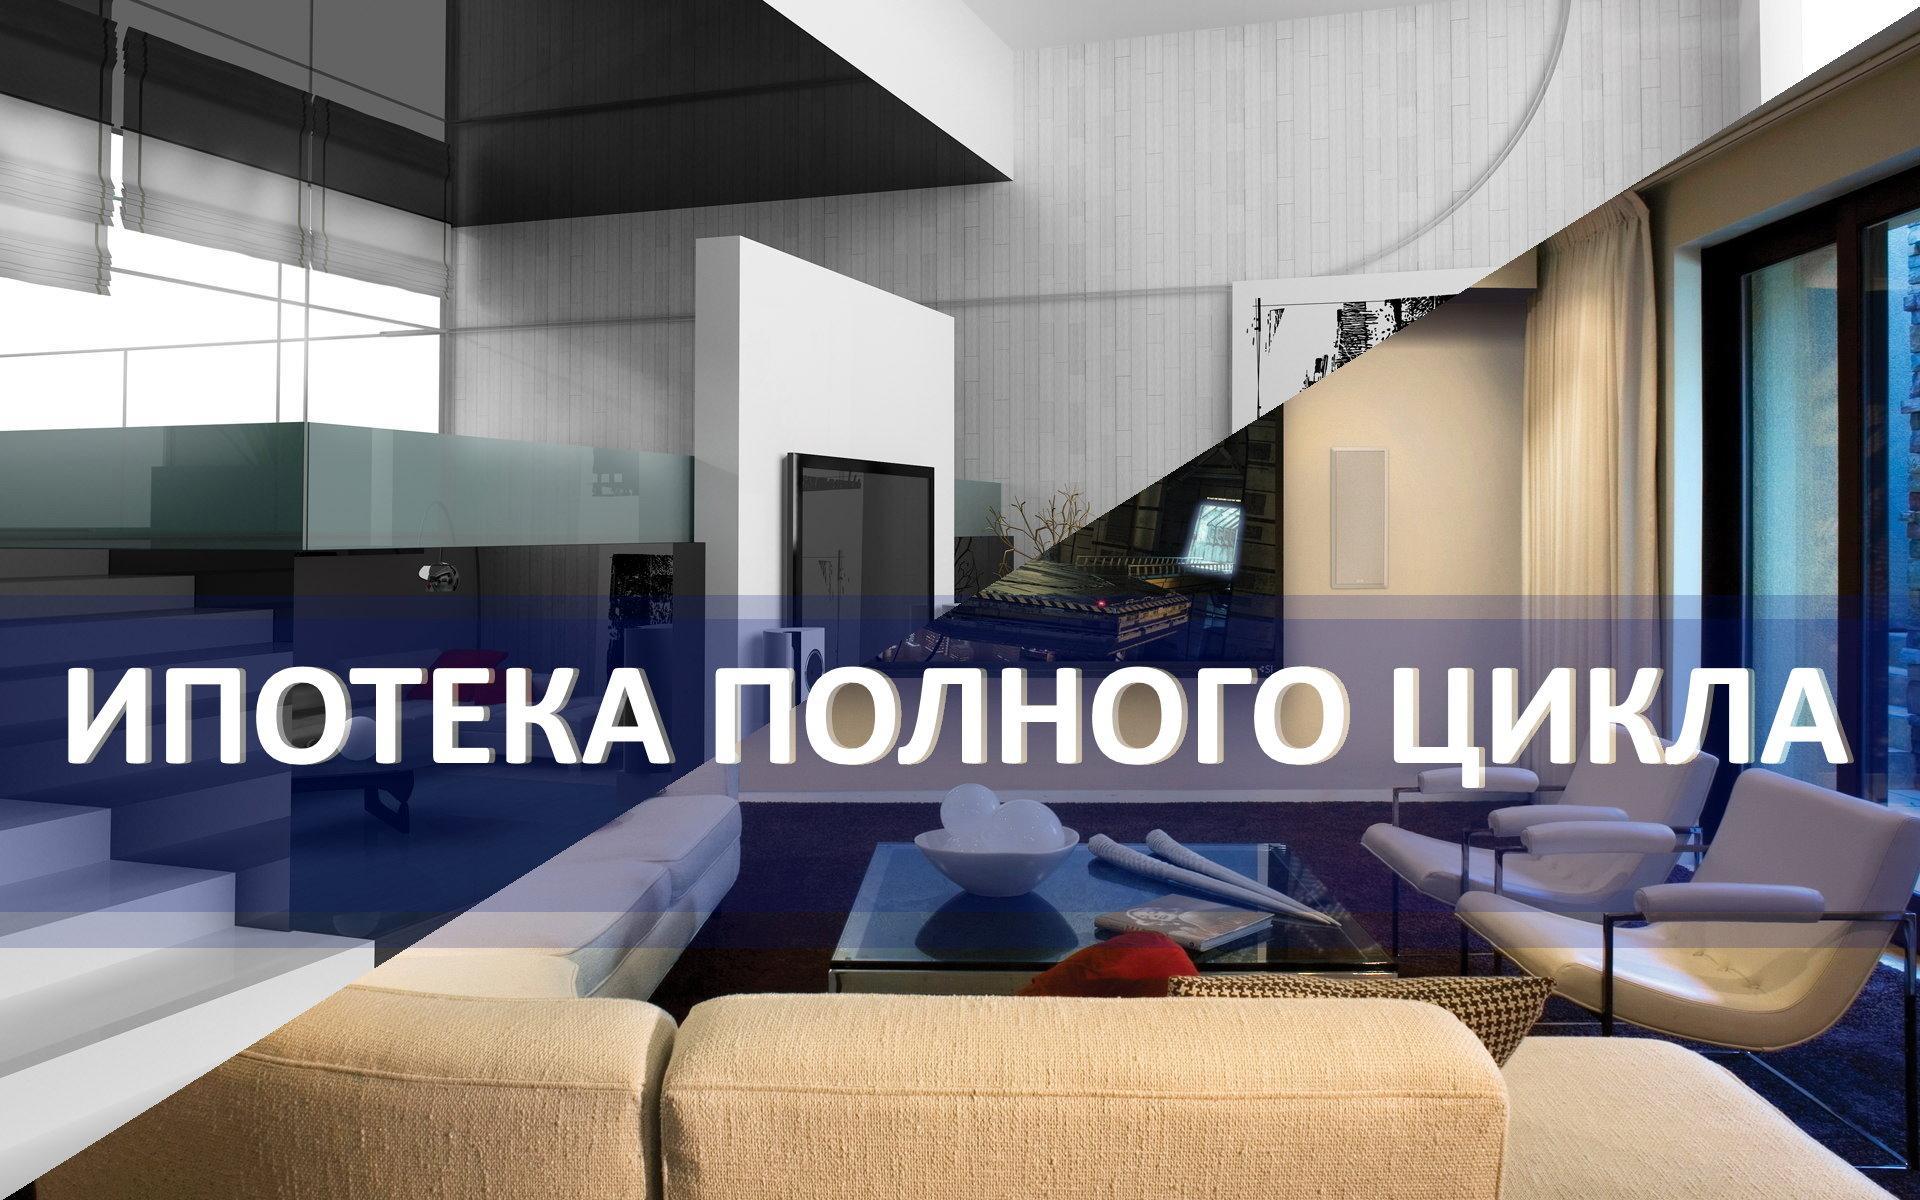 Ипотека — список документов